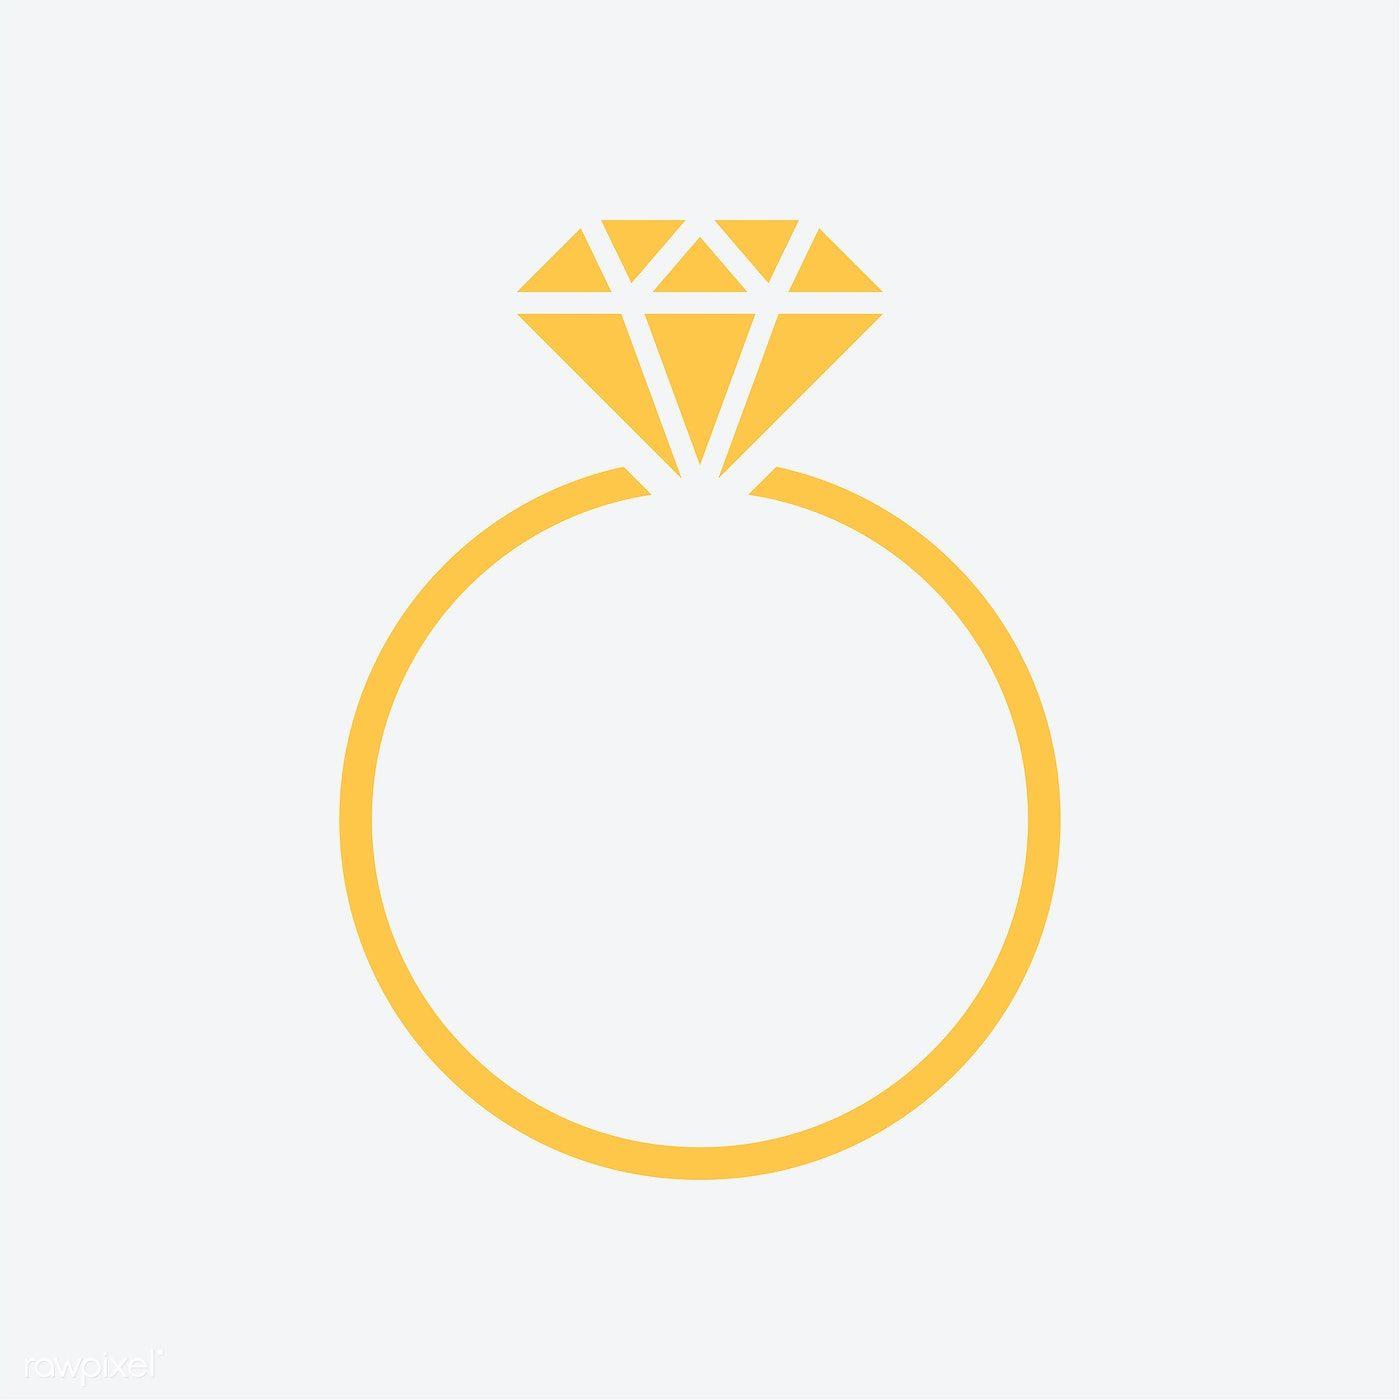 Diamond Wedding Ring Graphic Illustration Free Image By Rawpixel Com Manotang Wedding Ring Graphic Graphic Illustration Ring Logo